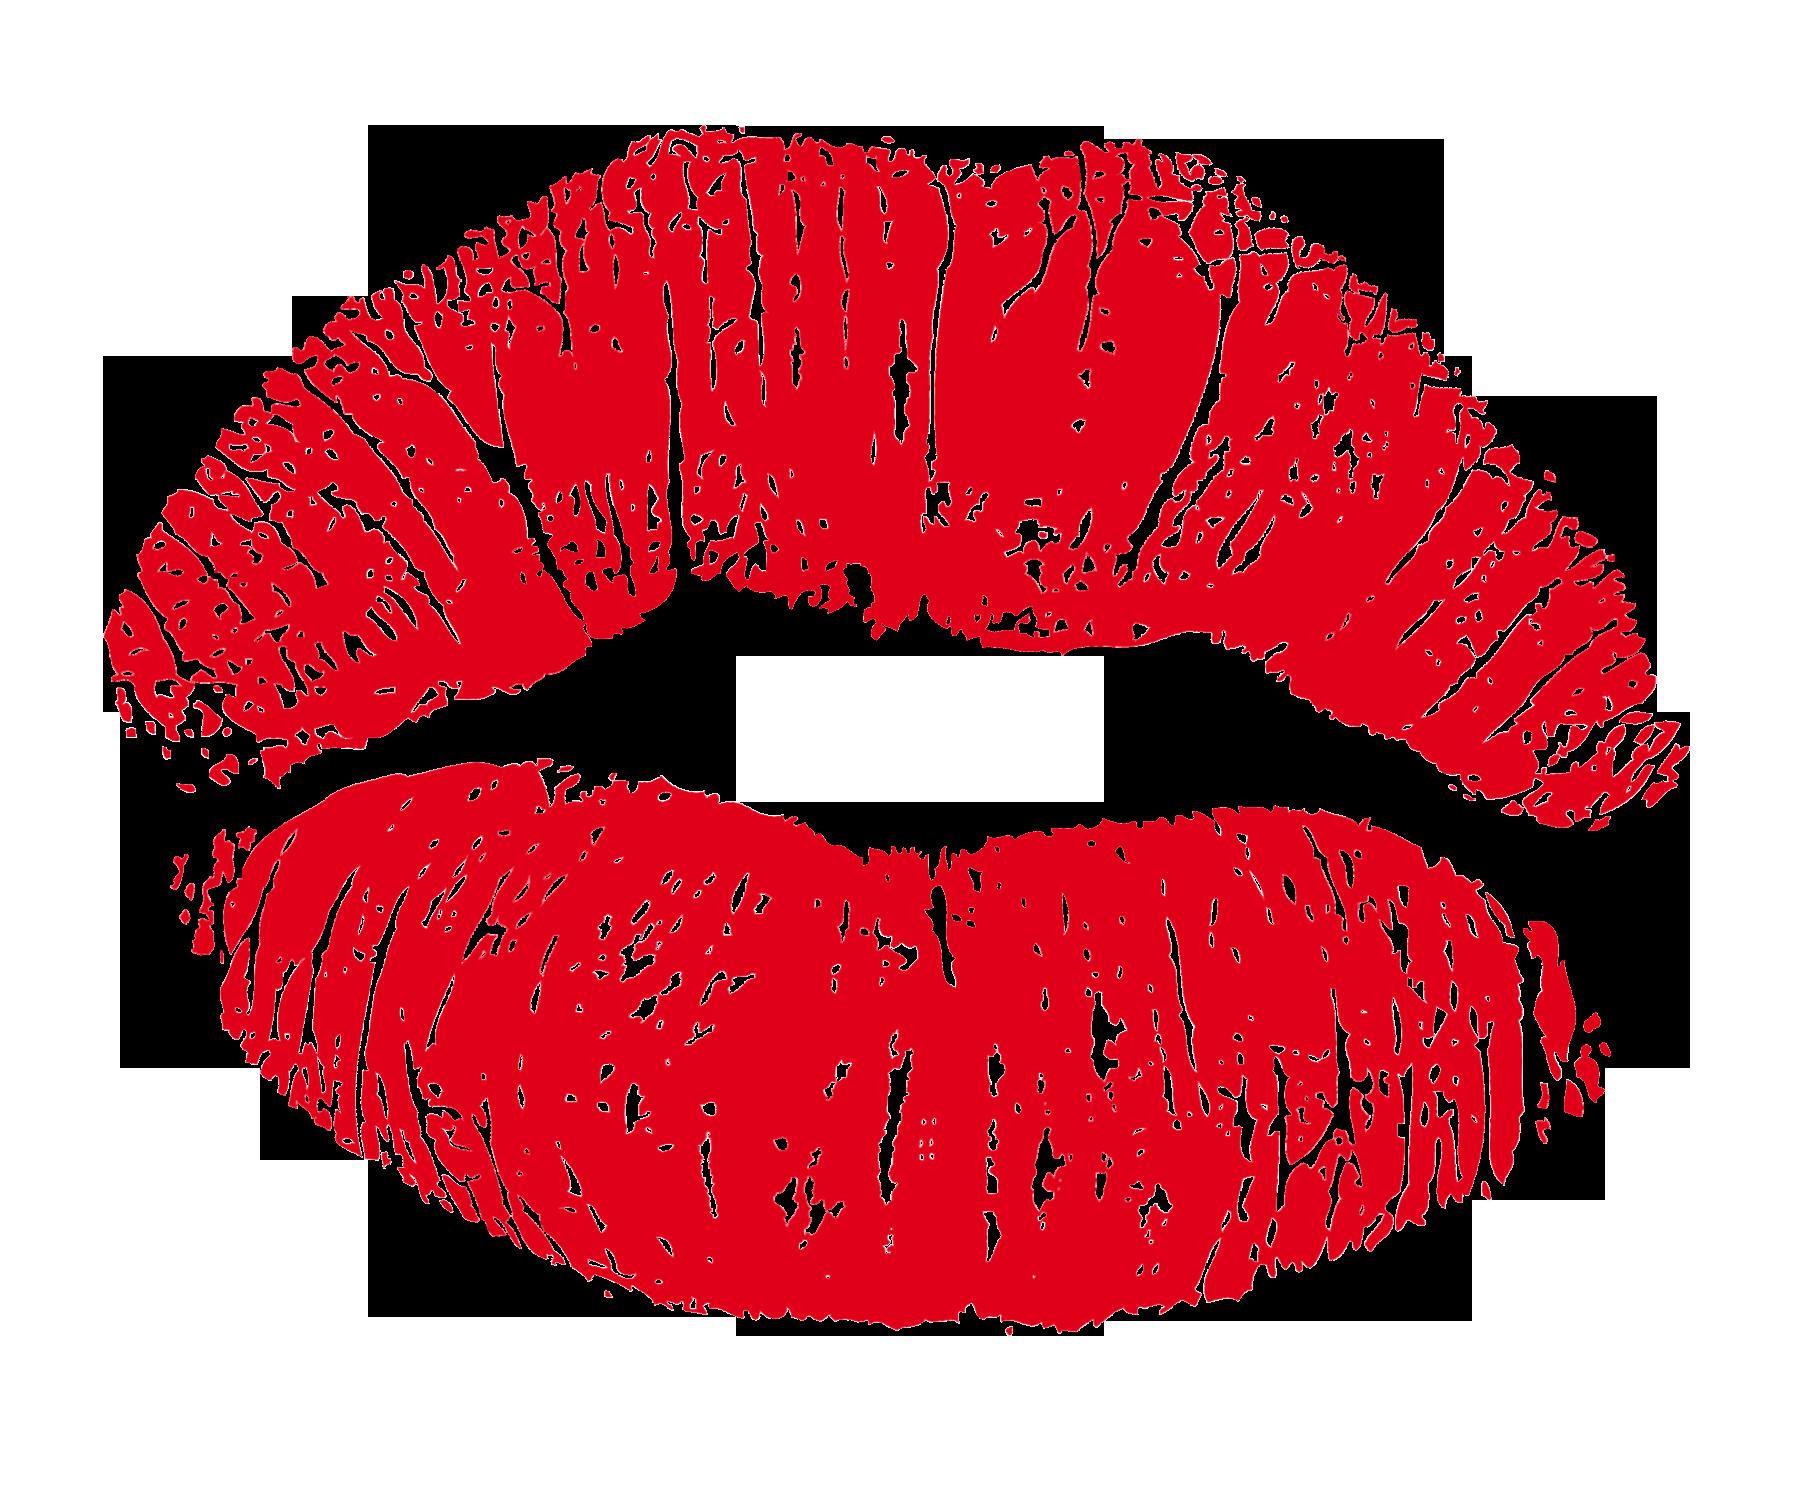 есть даже картинка большой поцелуйчик фото можно менять